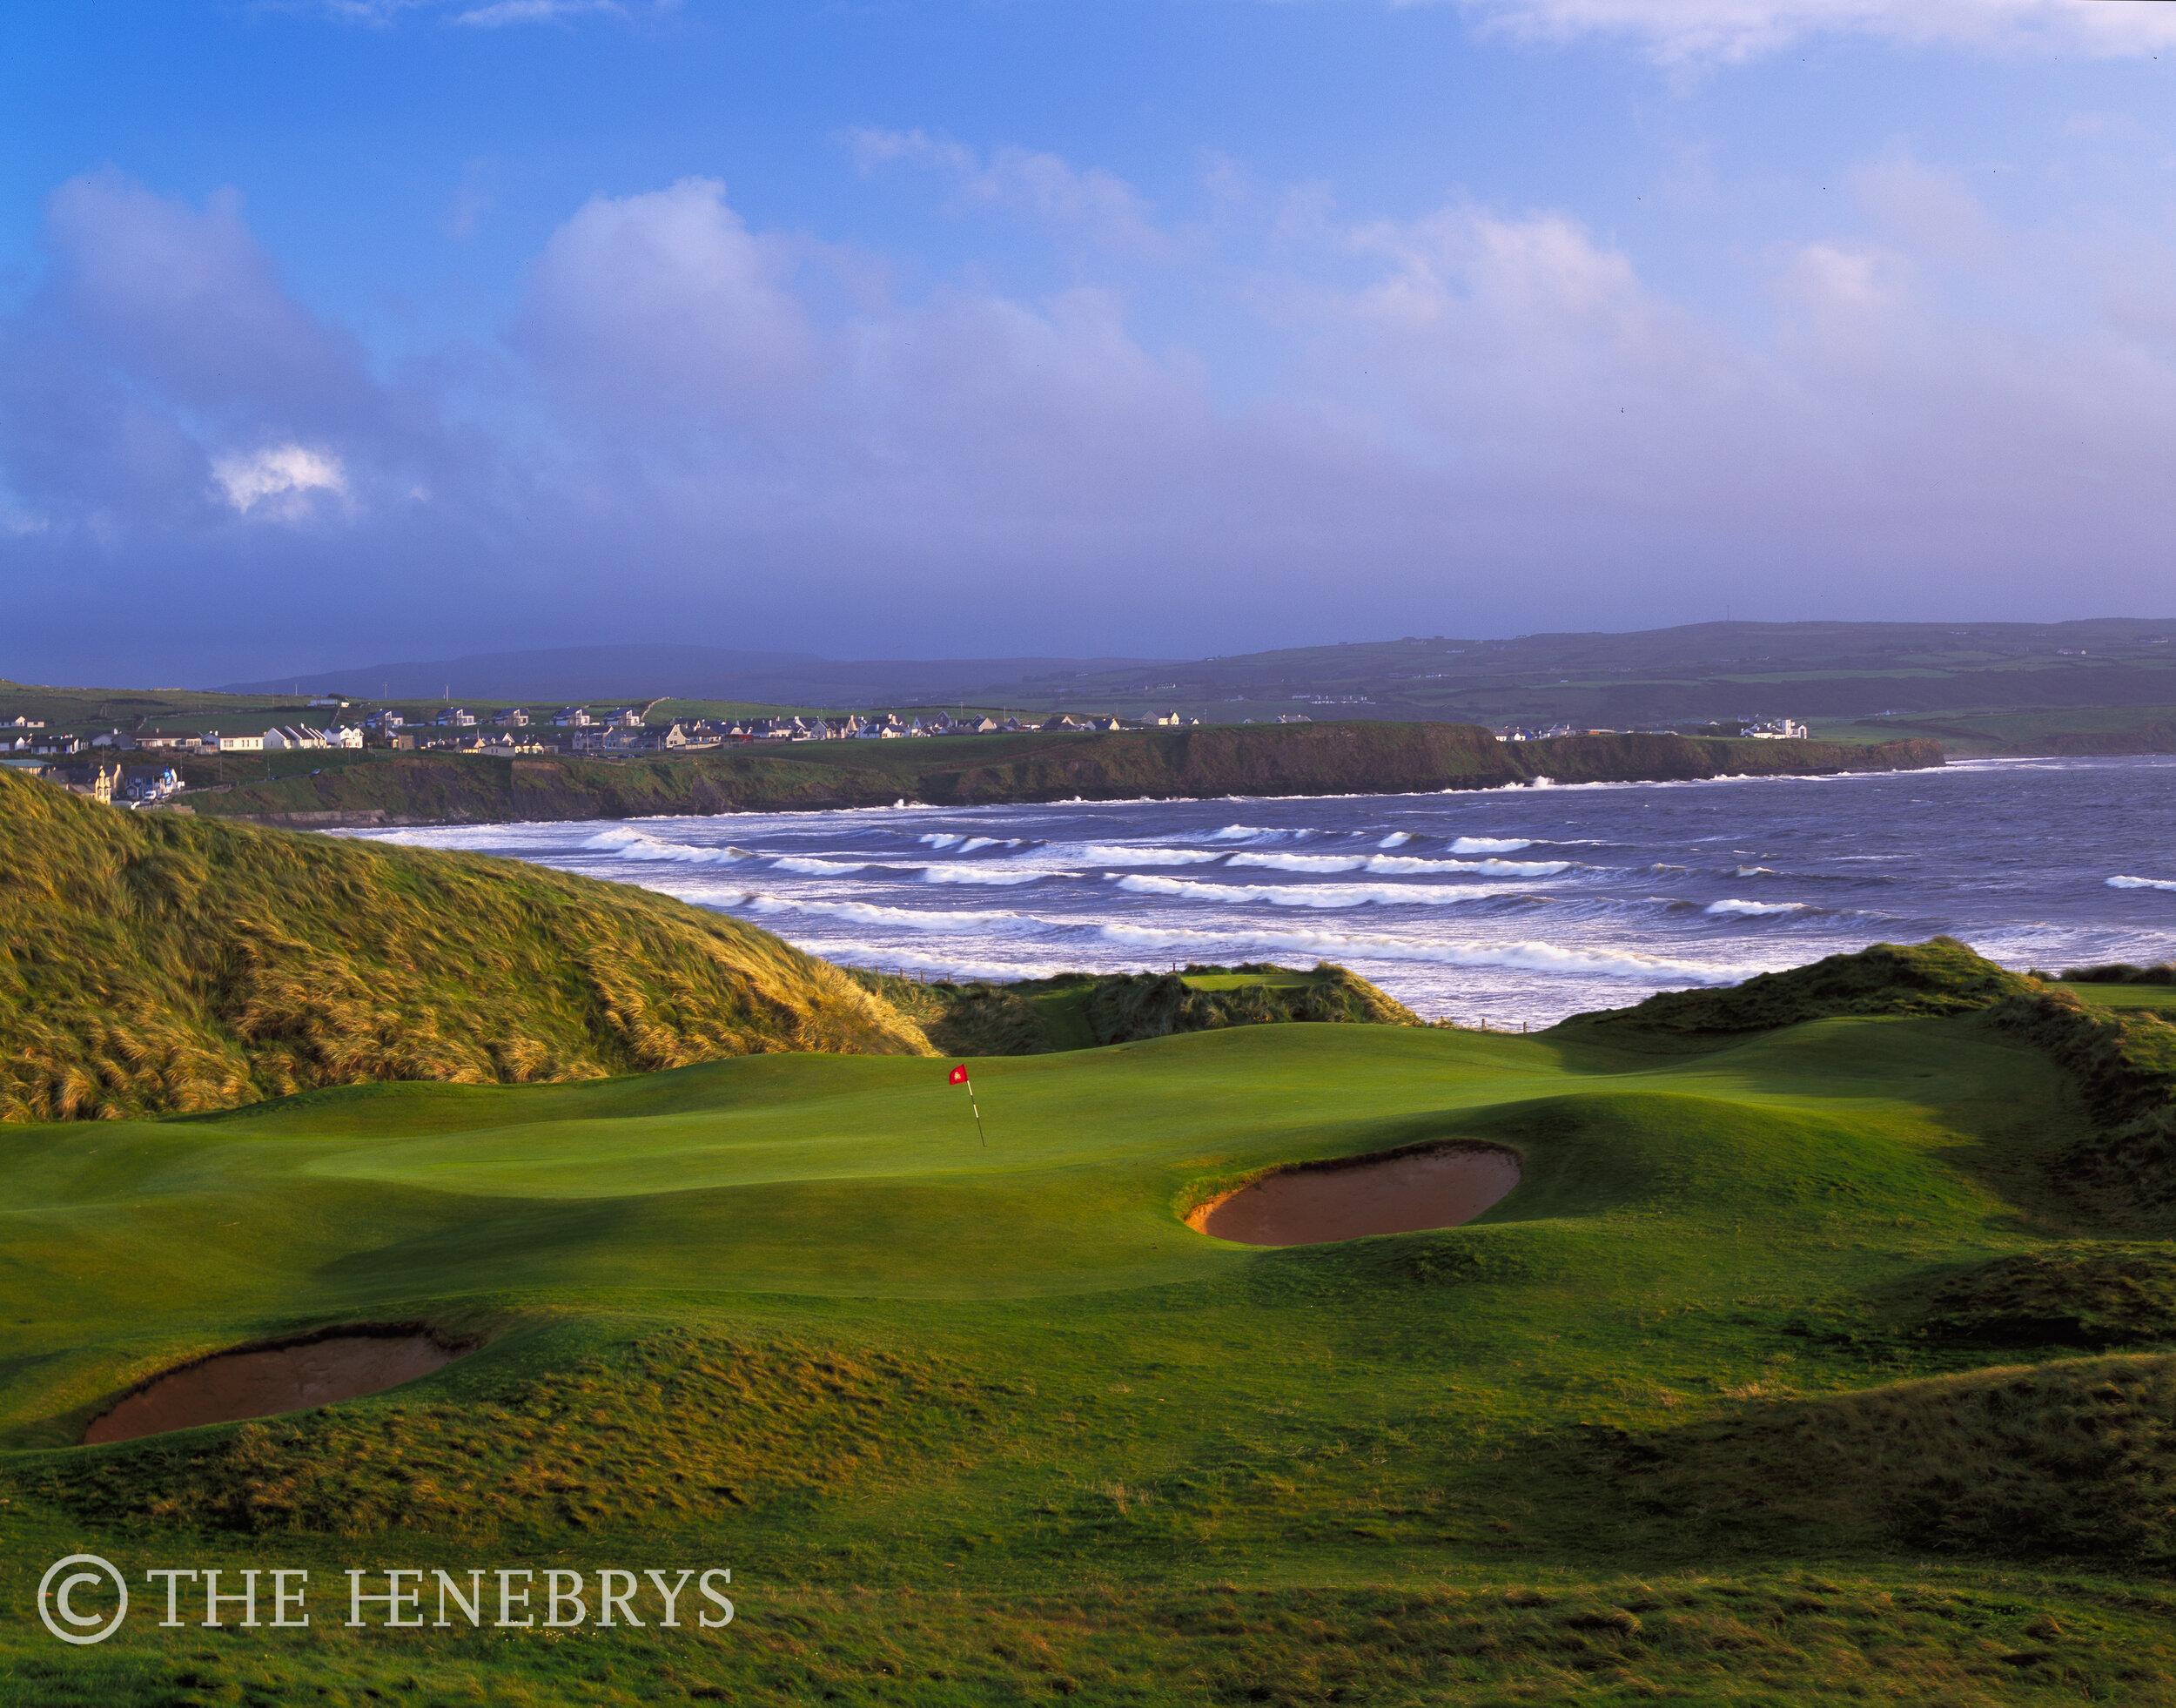 La Hinch Golf Club #06, La Hinch, Ireland